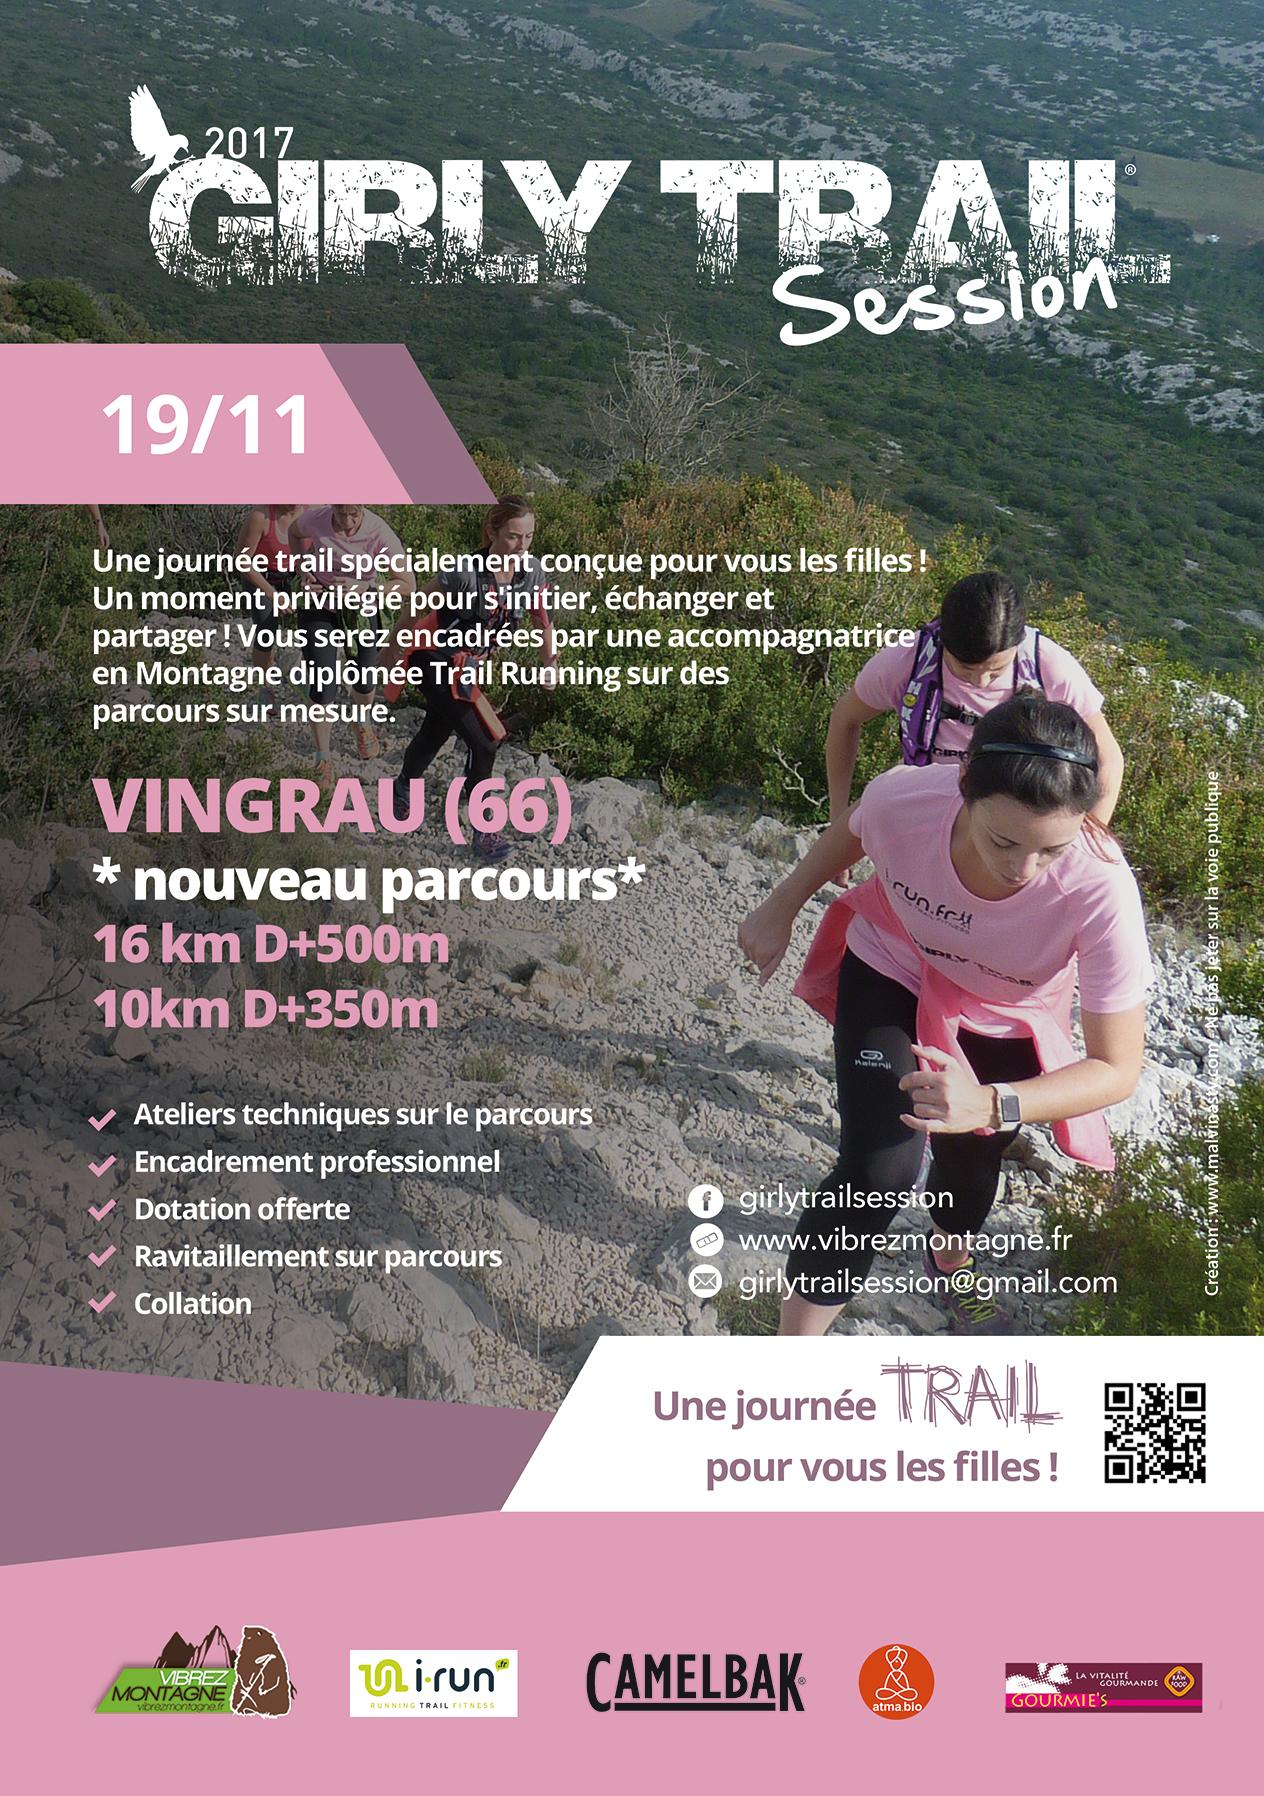 girly-trail-session-vingrau